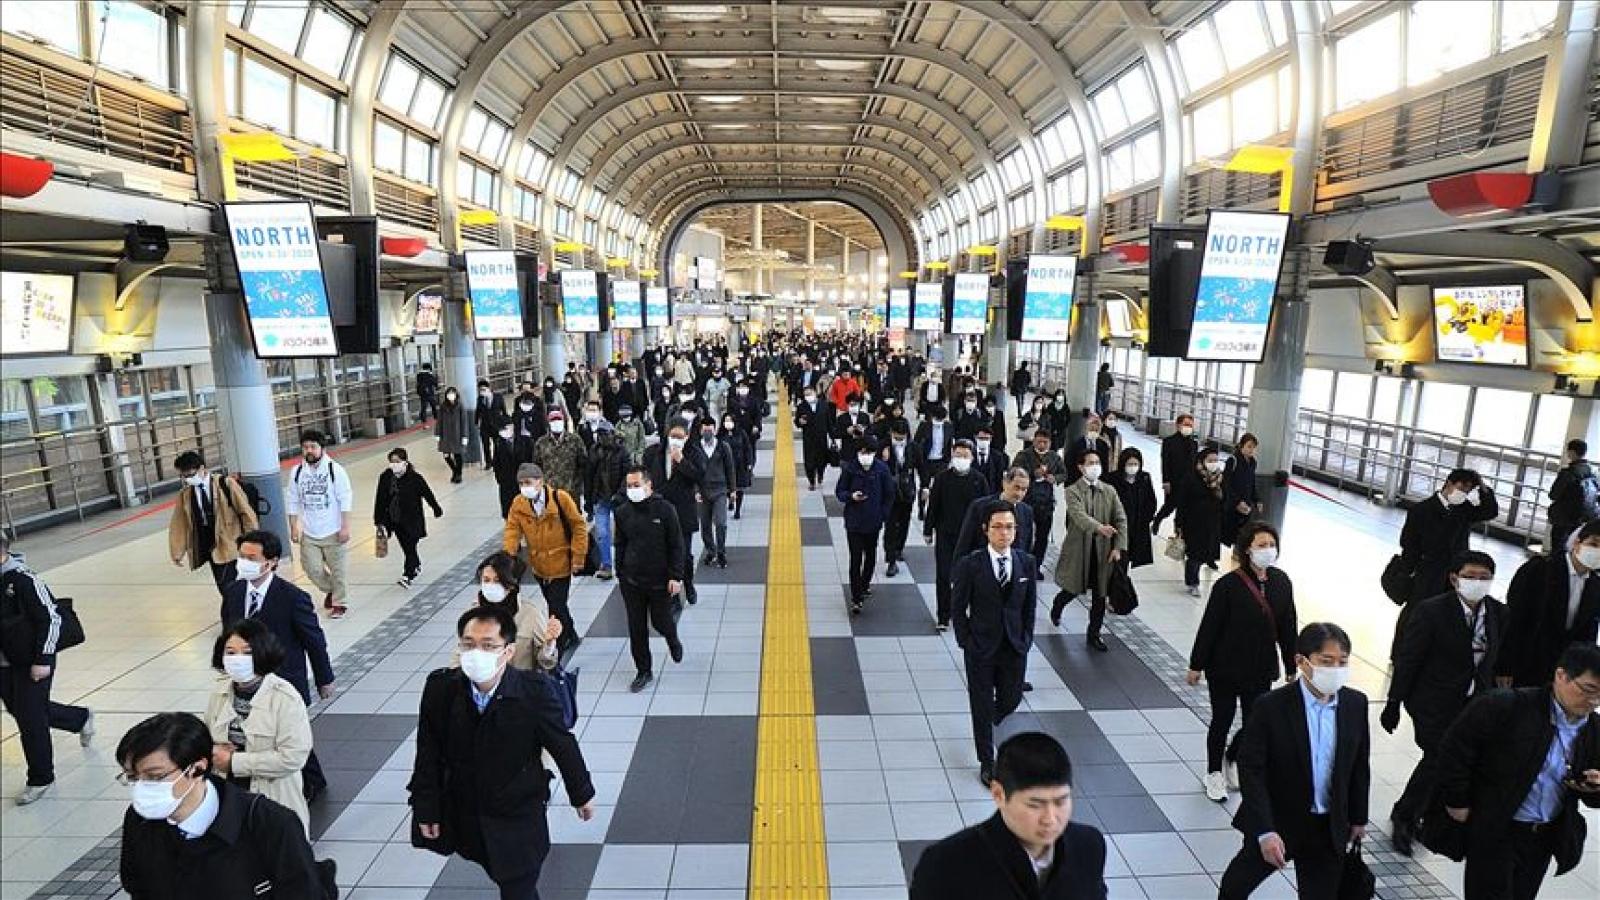 Nhật Bản lần đầu nới lỏng nhập cảnh cho người lưu trú thời gian ngắn, bao gồm người Việt